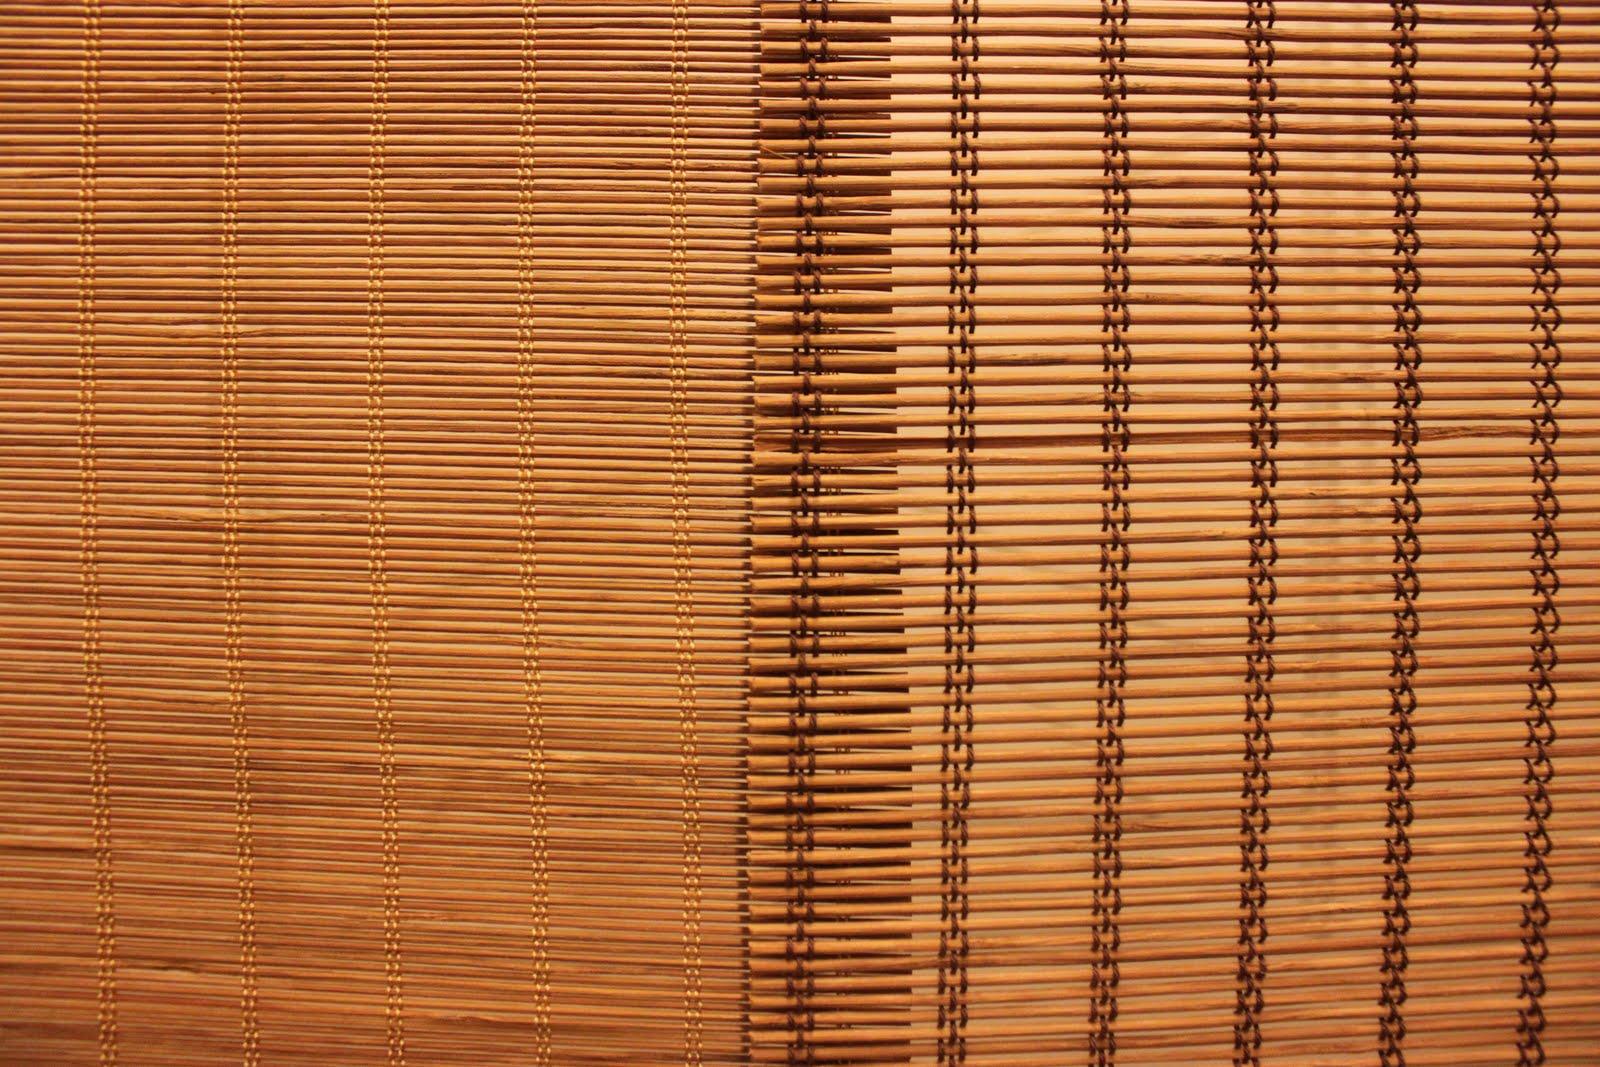 臺灣僅存的專業竹簾工廠: 第五種天然紡織纖維_竹纖維